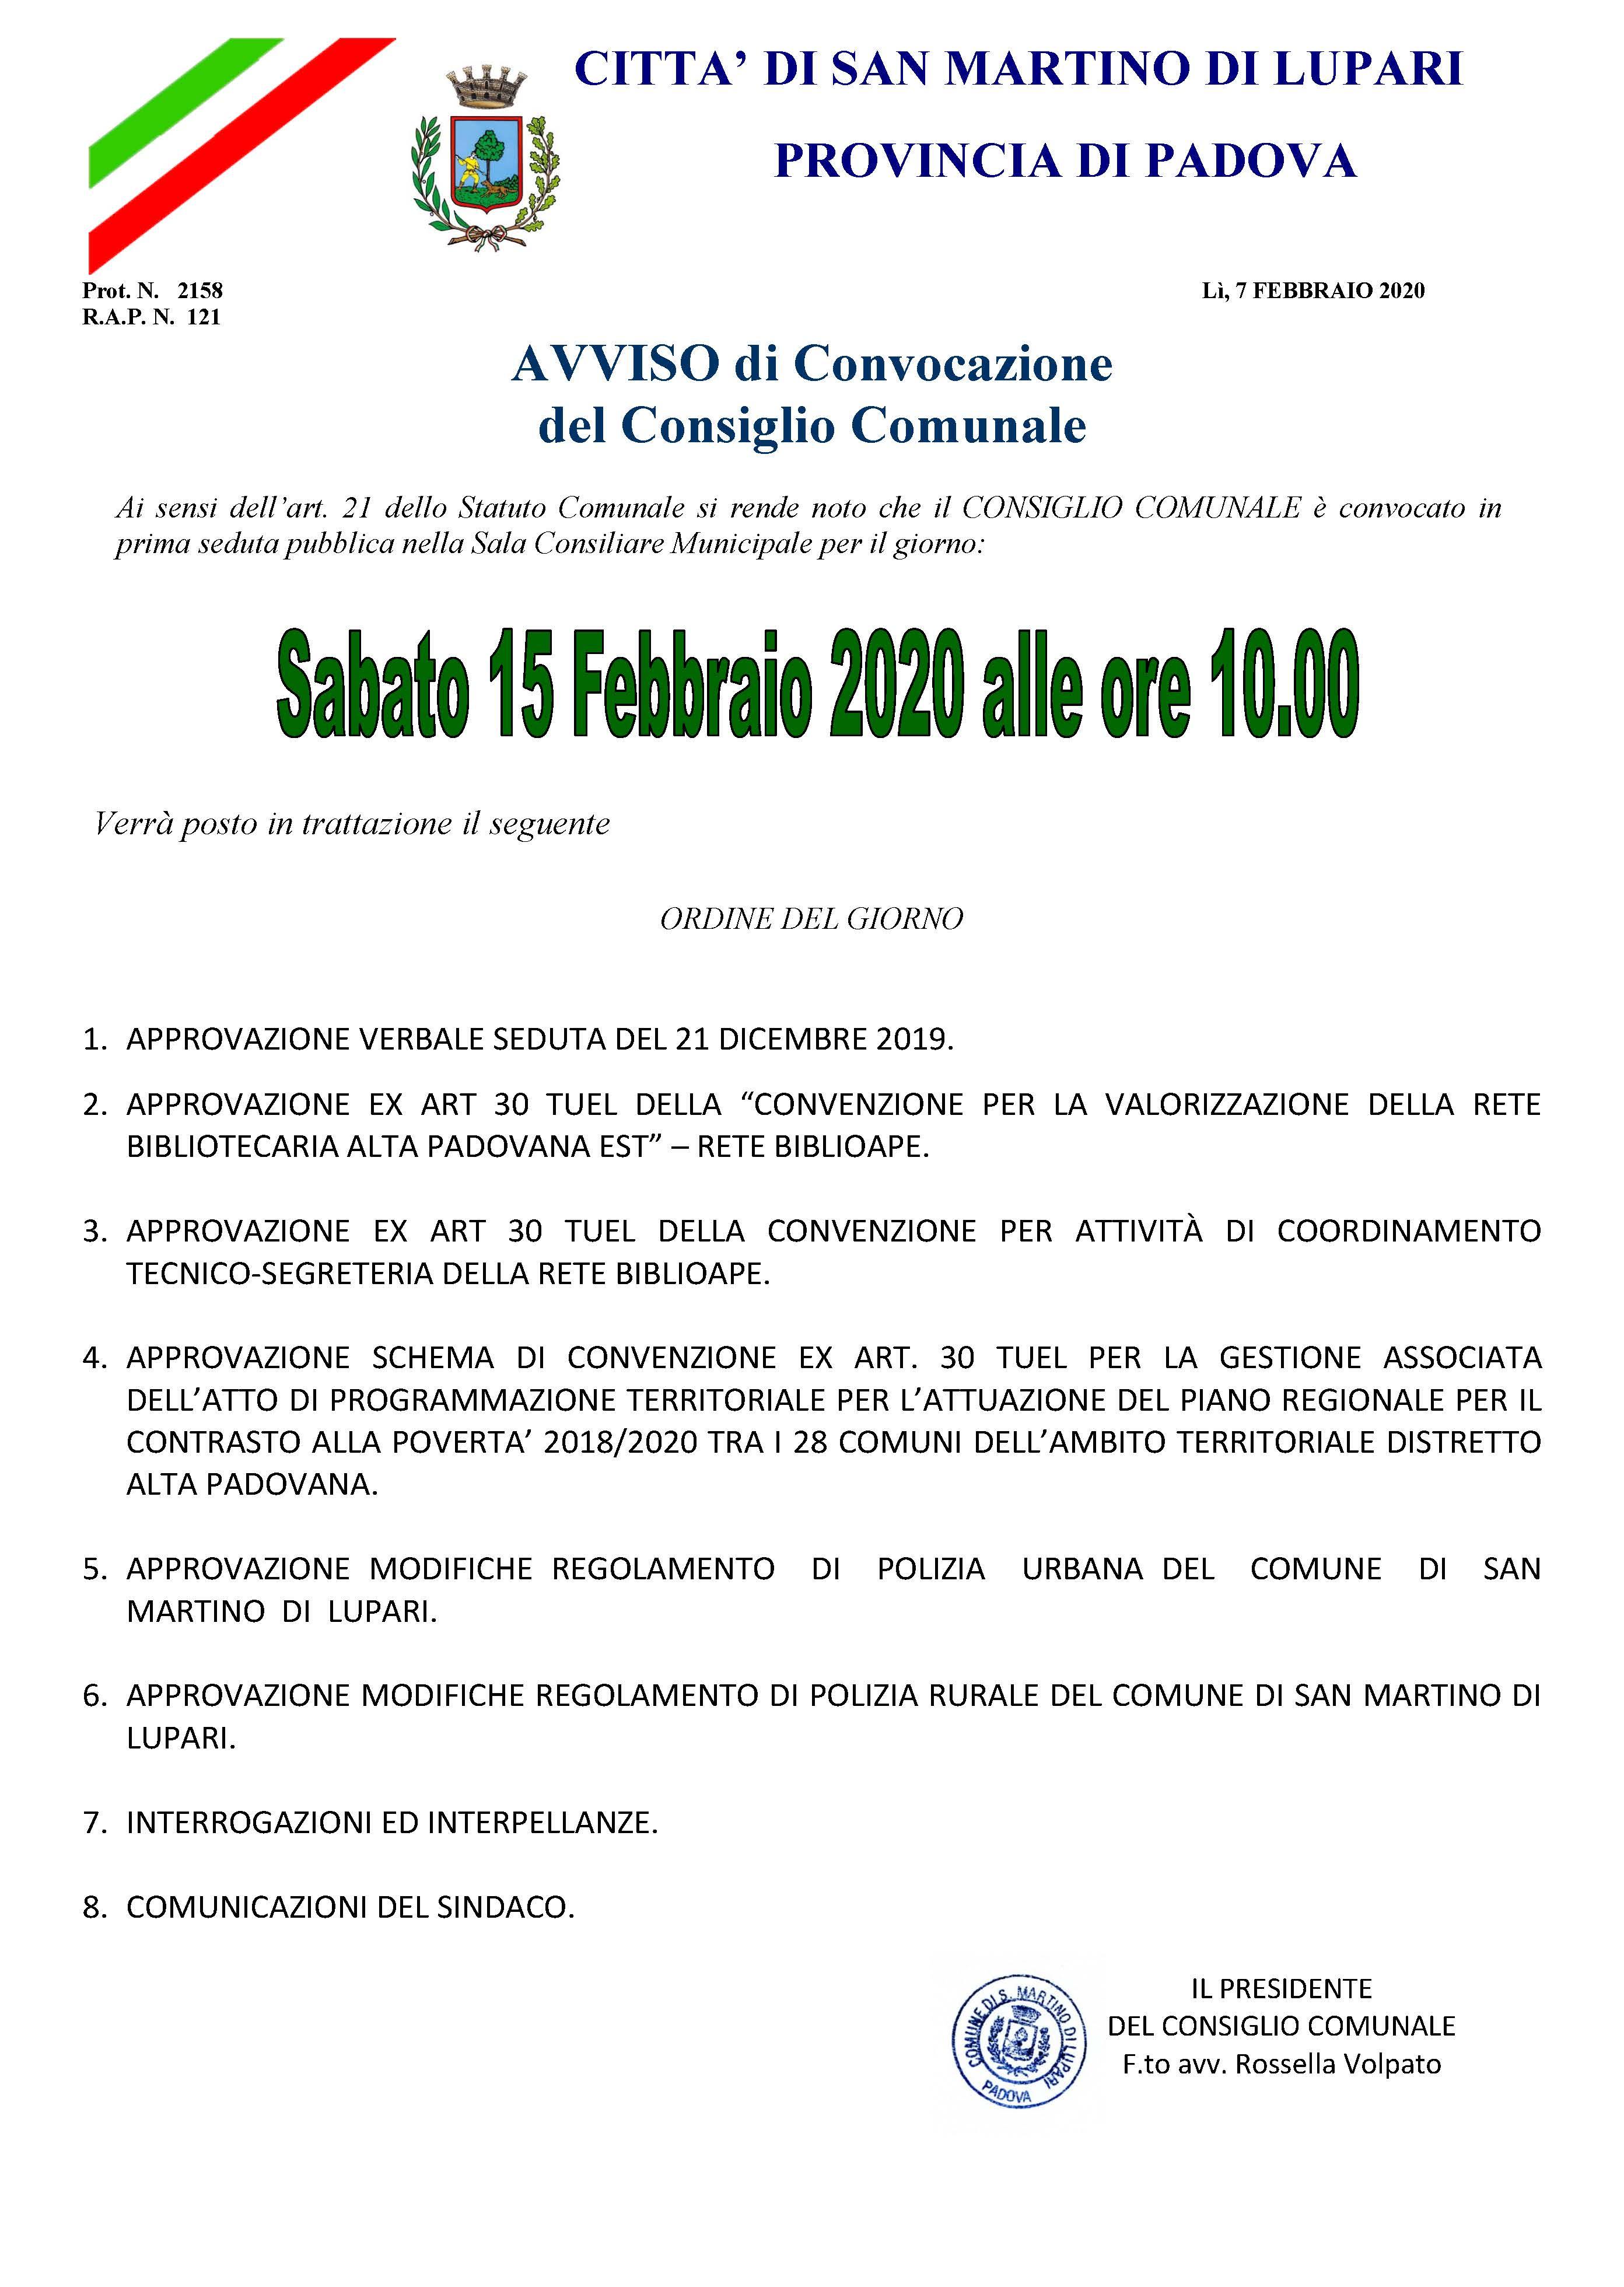 AVVISO DI CONVOCAZIONE CONSIGLIO COMUNALE: Sabato 15 Febbraio 2020 alle ore 10.00